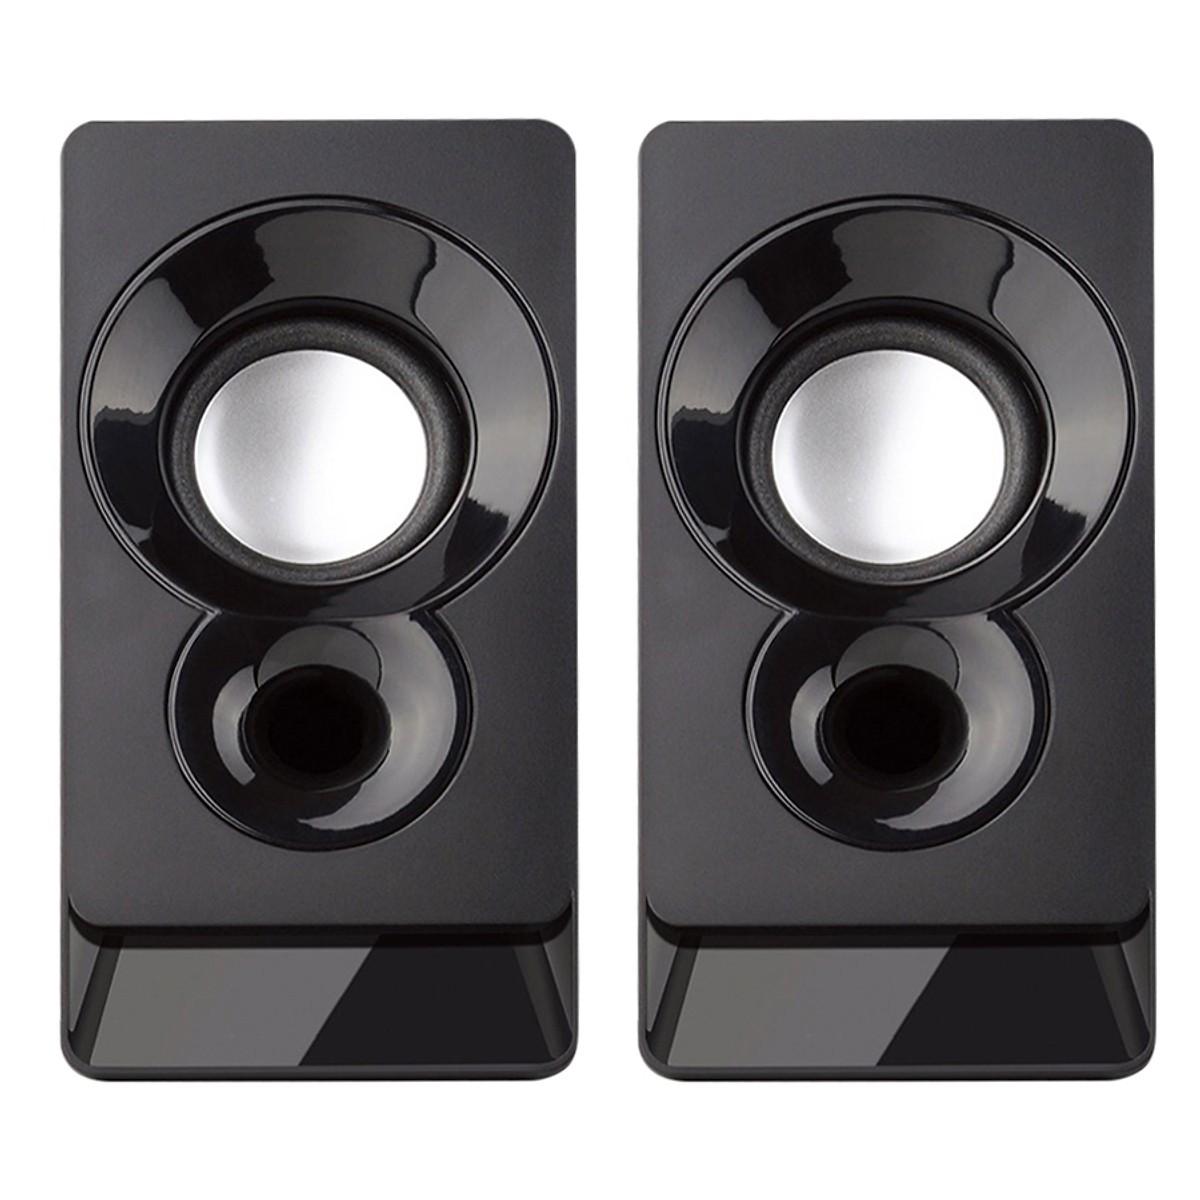 Bộ Loa Vi Tính 2.1 Tích Hợp Bluetooth Speaker Bosston T3600 Đèn Led RGB - HÀNG CHÍNH HÃNG